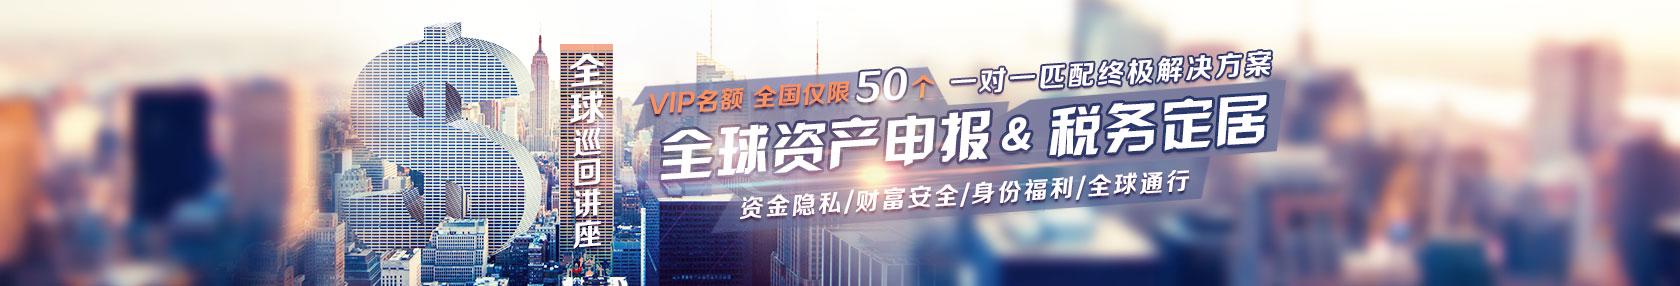 【环球移民】CRS全球资产申报&税务定居一对一匹配解决方案 VIP沙龙